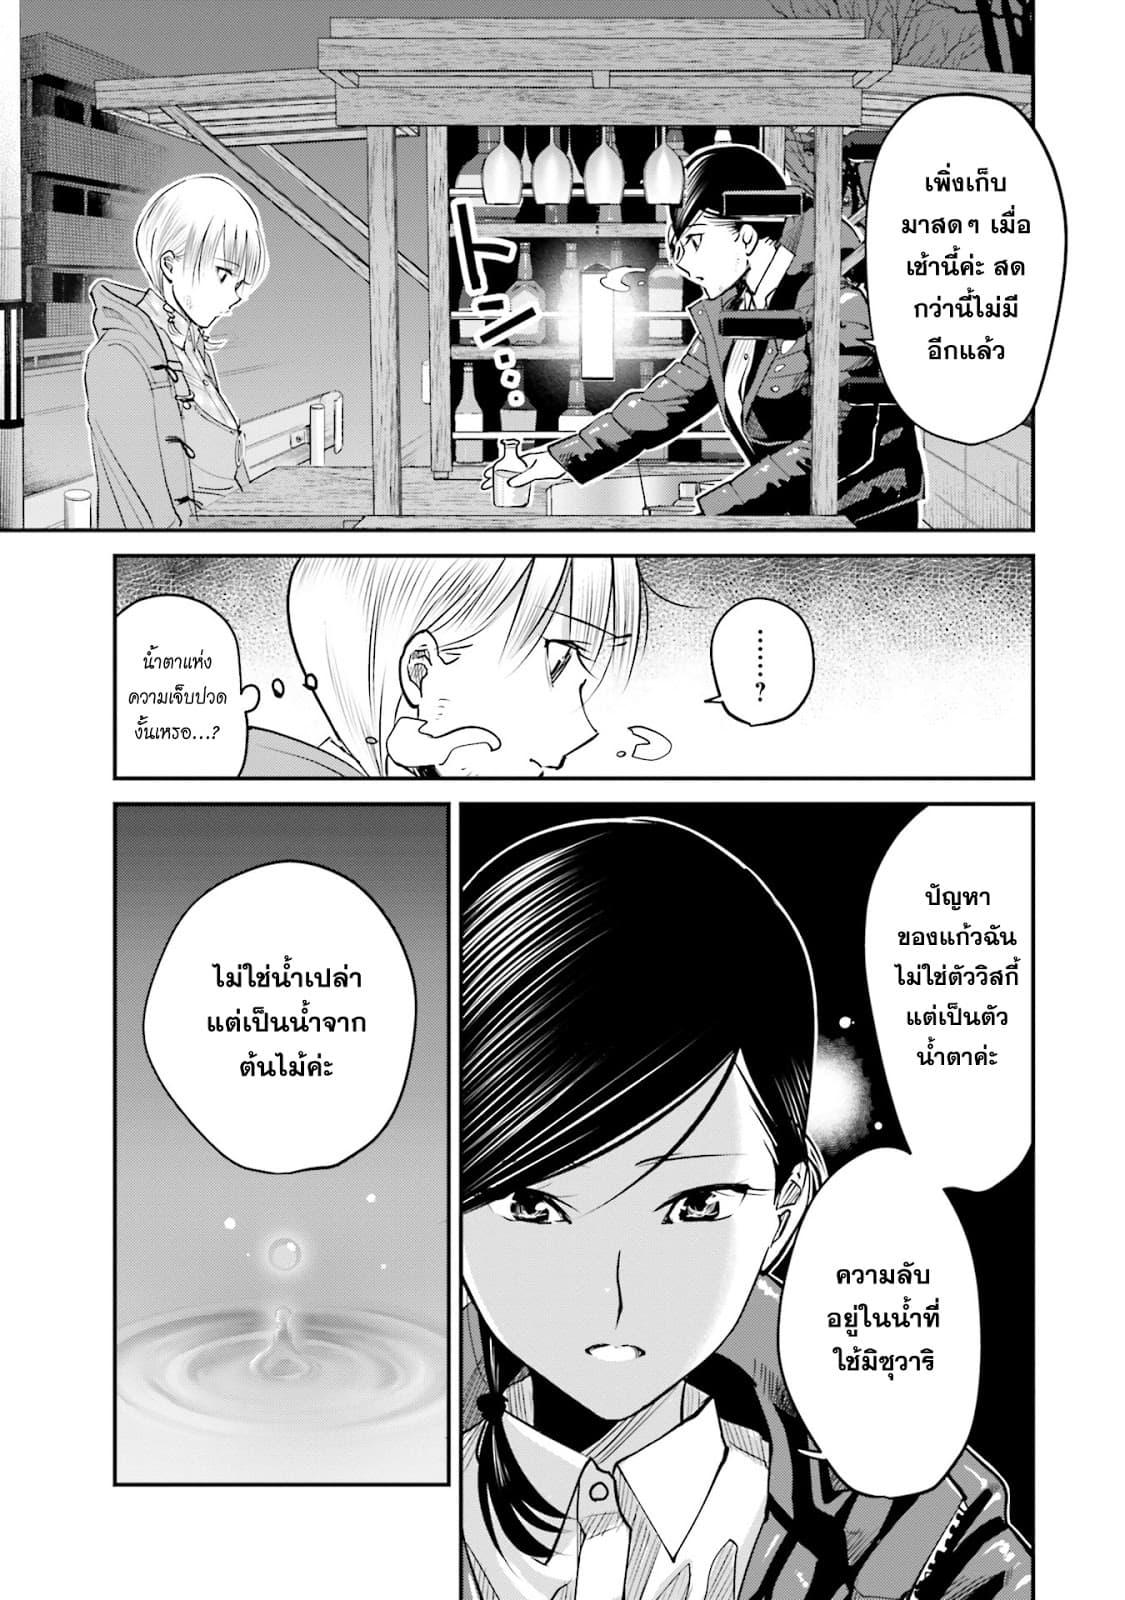 อ่านการ์ตูน Sleepy Barmaid ตอนที่ 8 หน้าที่ 16